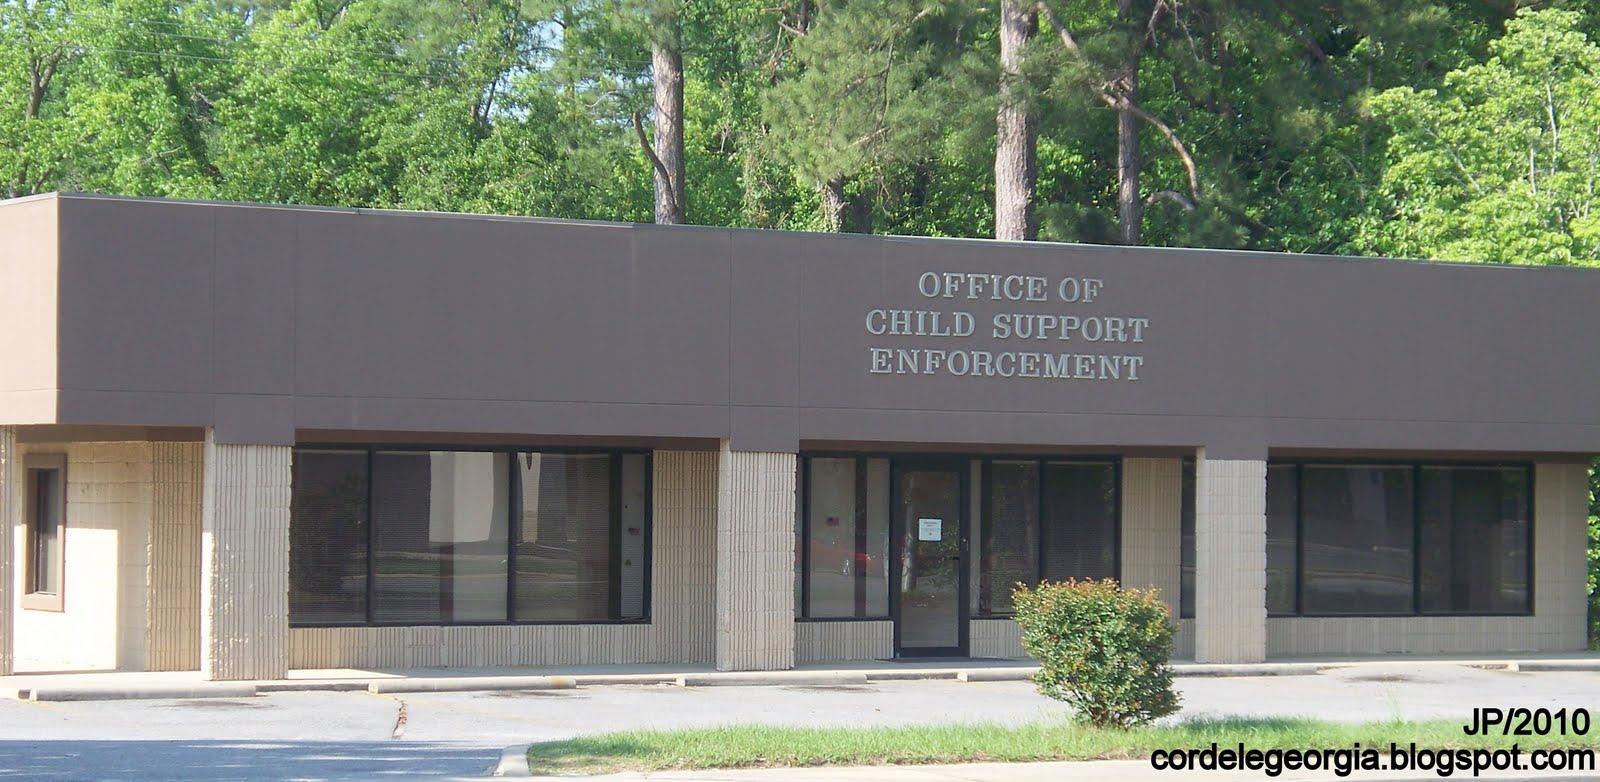 CHILD SUPPORT CORDELE GEORGIA E 16th Ave, Office Of Child Support  Enforcement, Cordele Georgia, Crisp County GA.